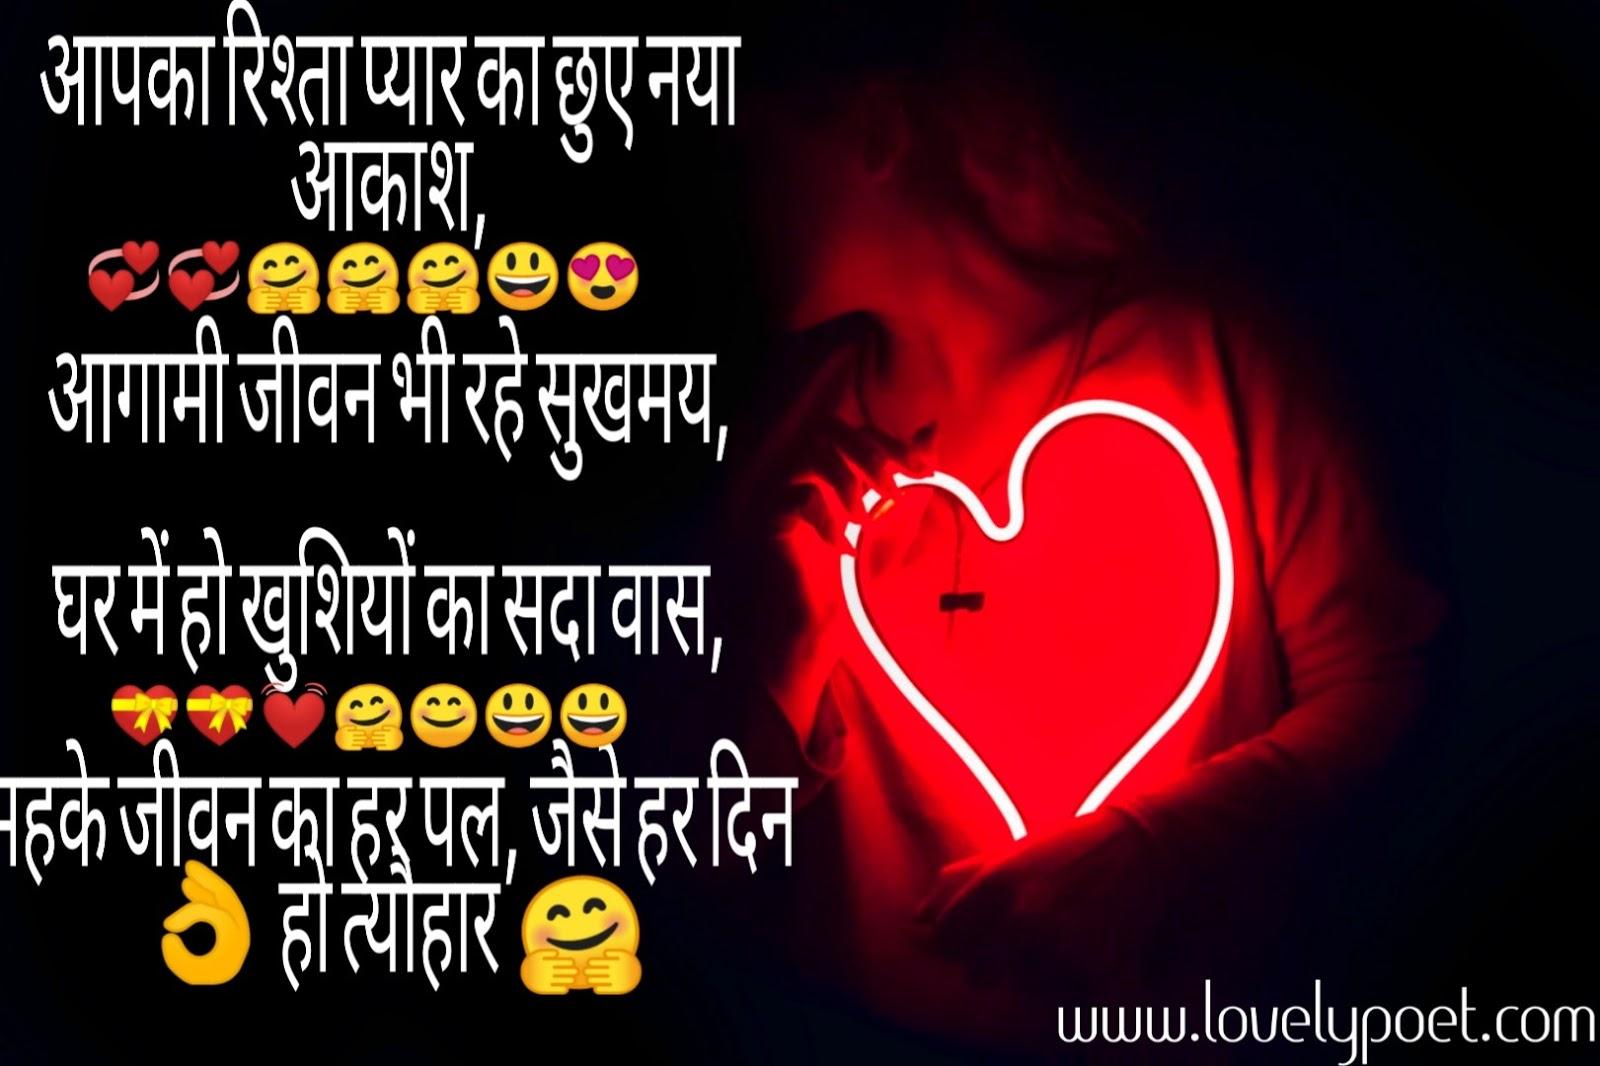 happy-anniversary-sharayi-bhaiya-aur-bhabhi